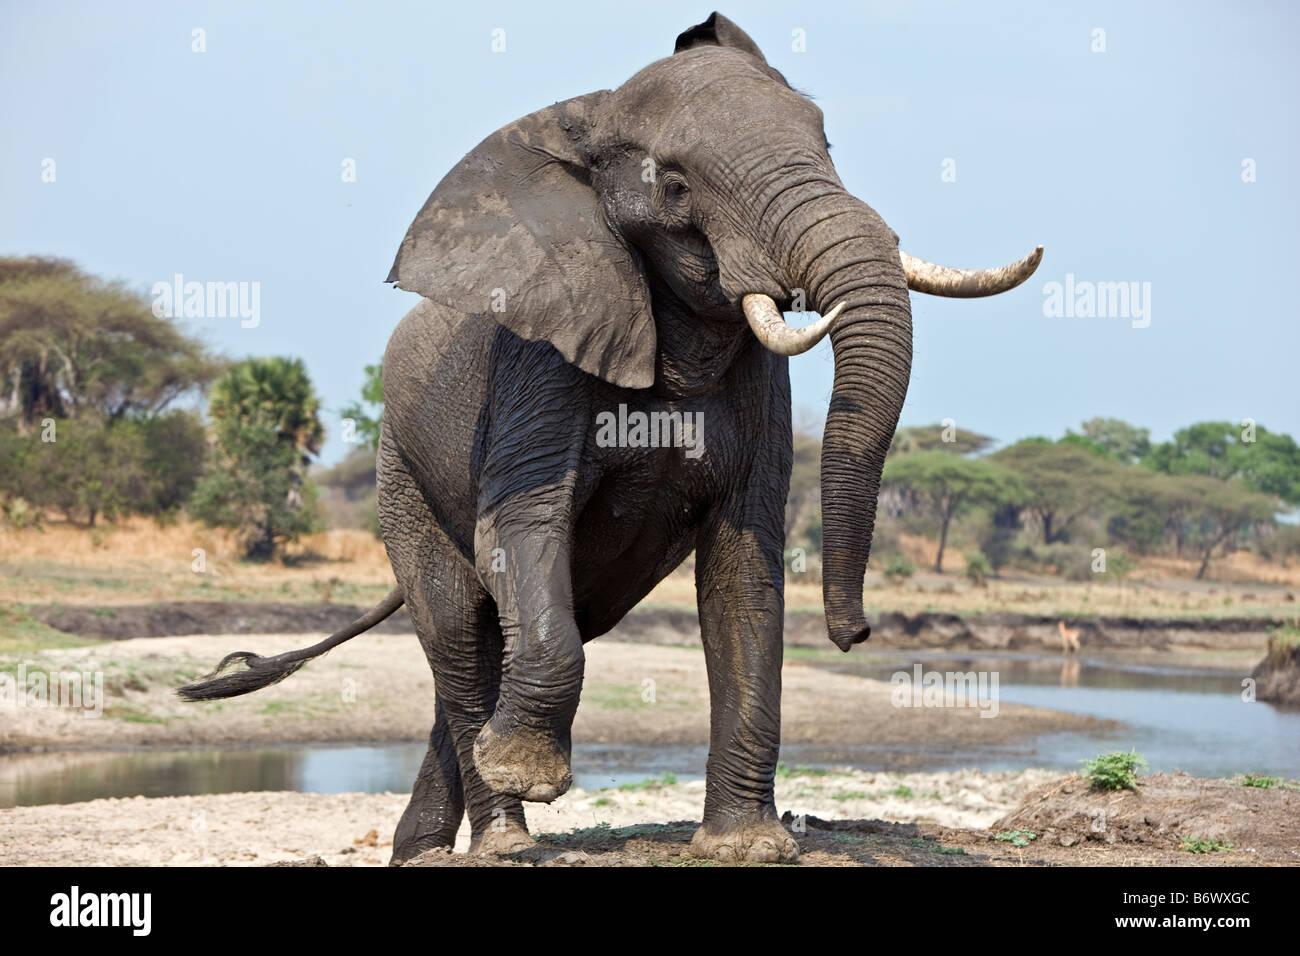 Tanzania, Katavi National Park. Un elefante visualizza l'aggressione. Immagini Stock